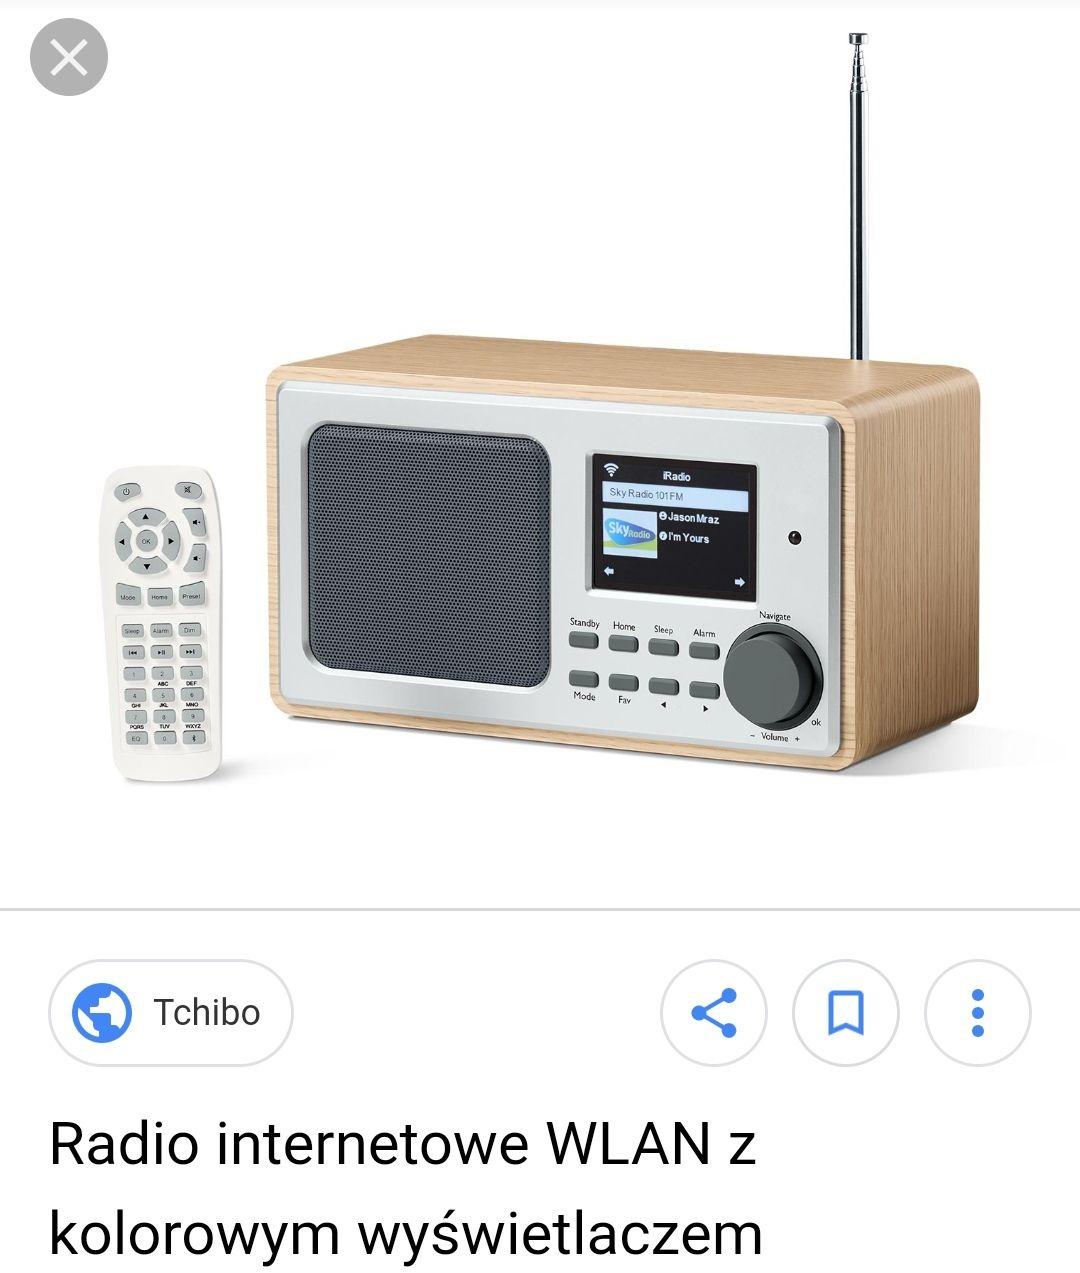 Radio internetowe z kolorowym wyświetlaczem za 219 w sklepie stacjonarnym Tchibo centrum aura Olsztyn.